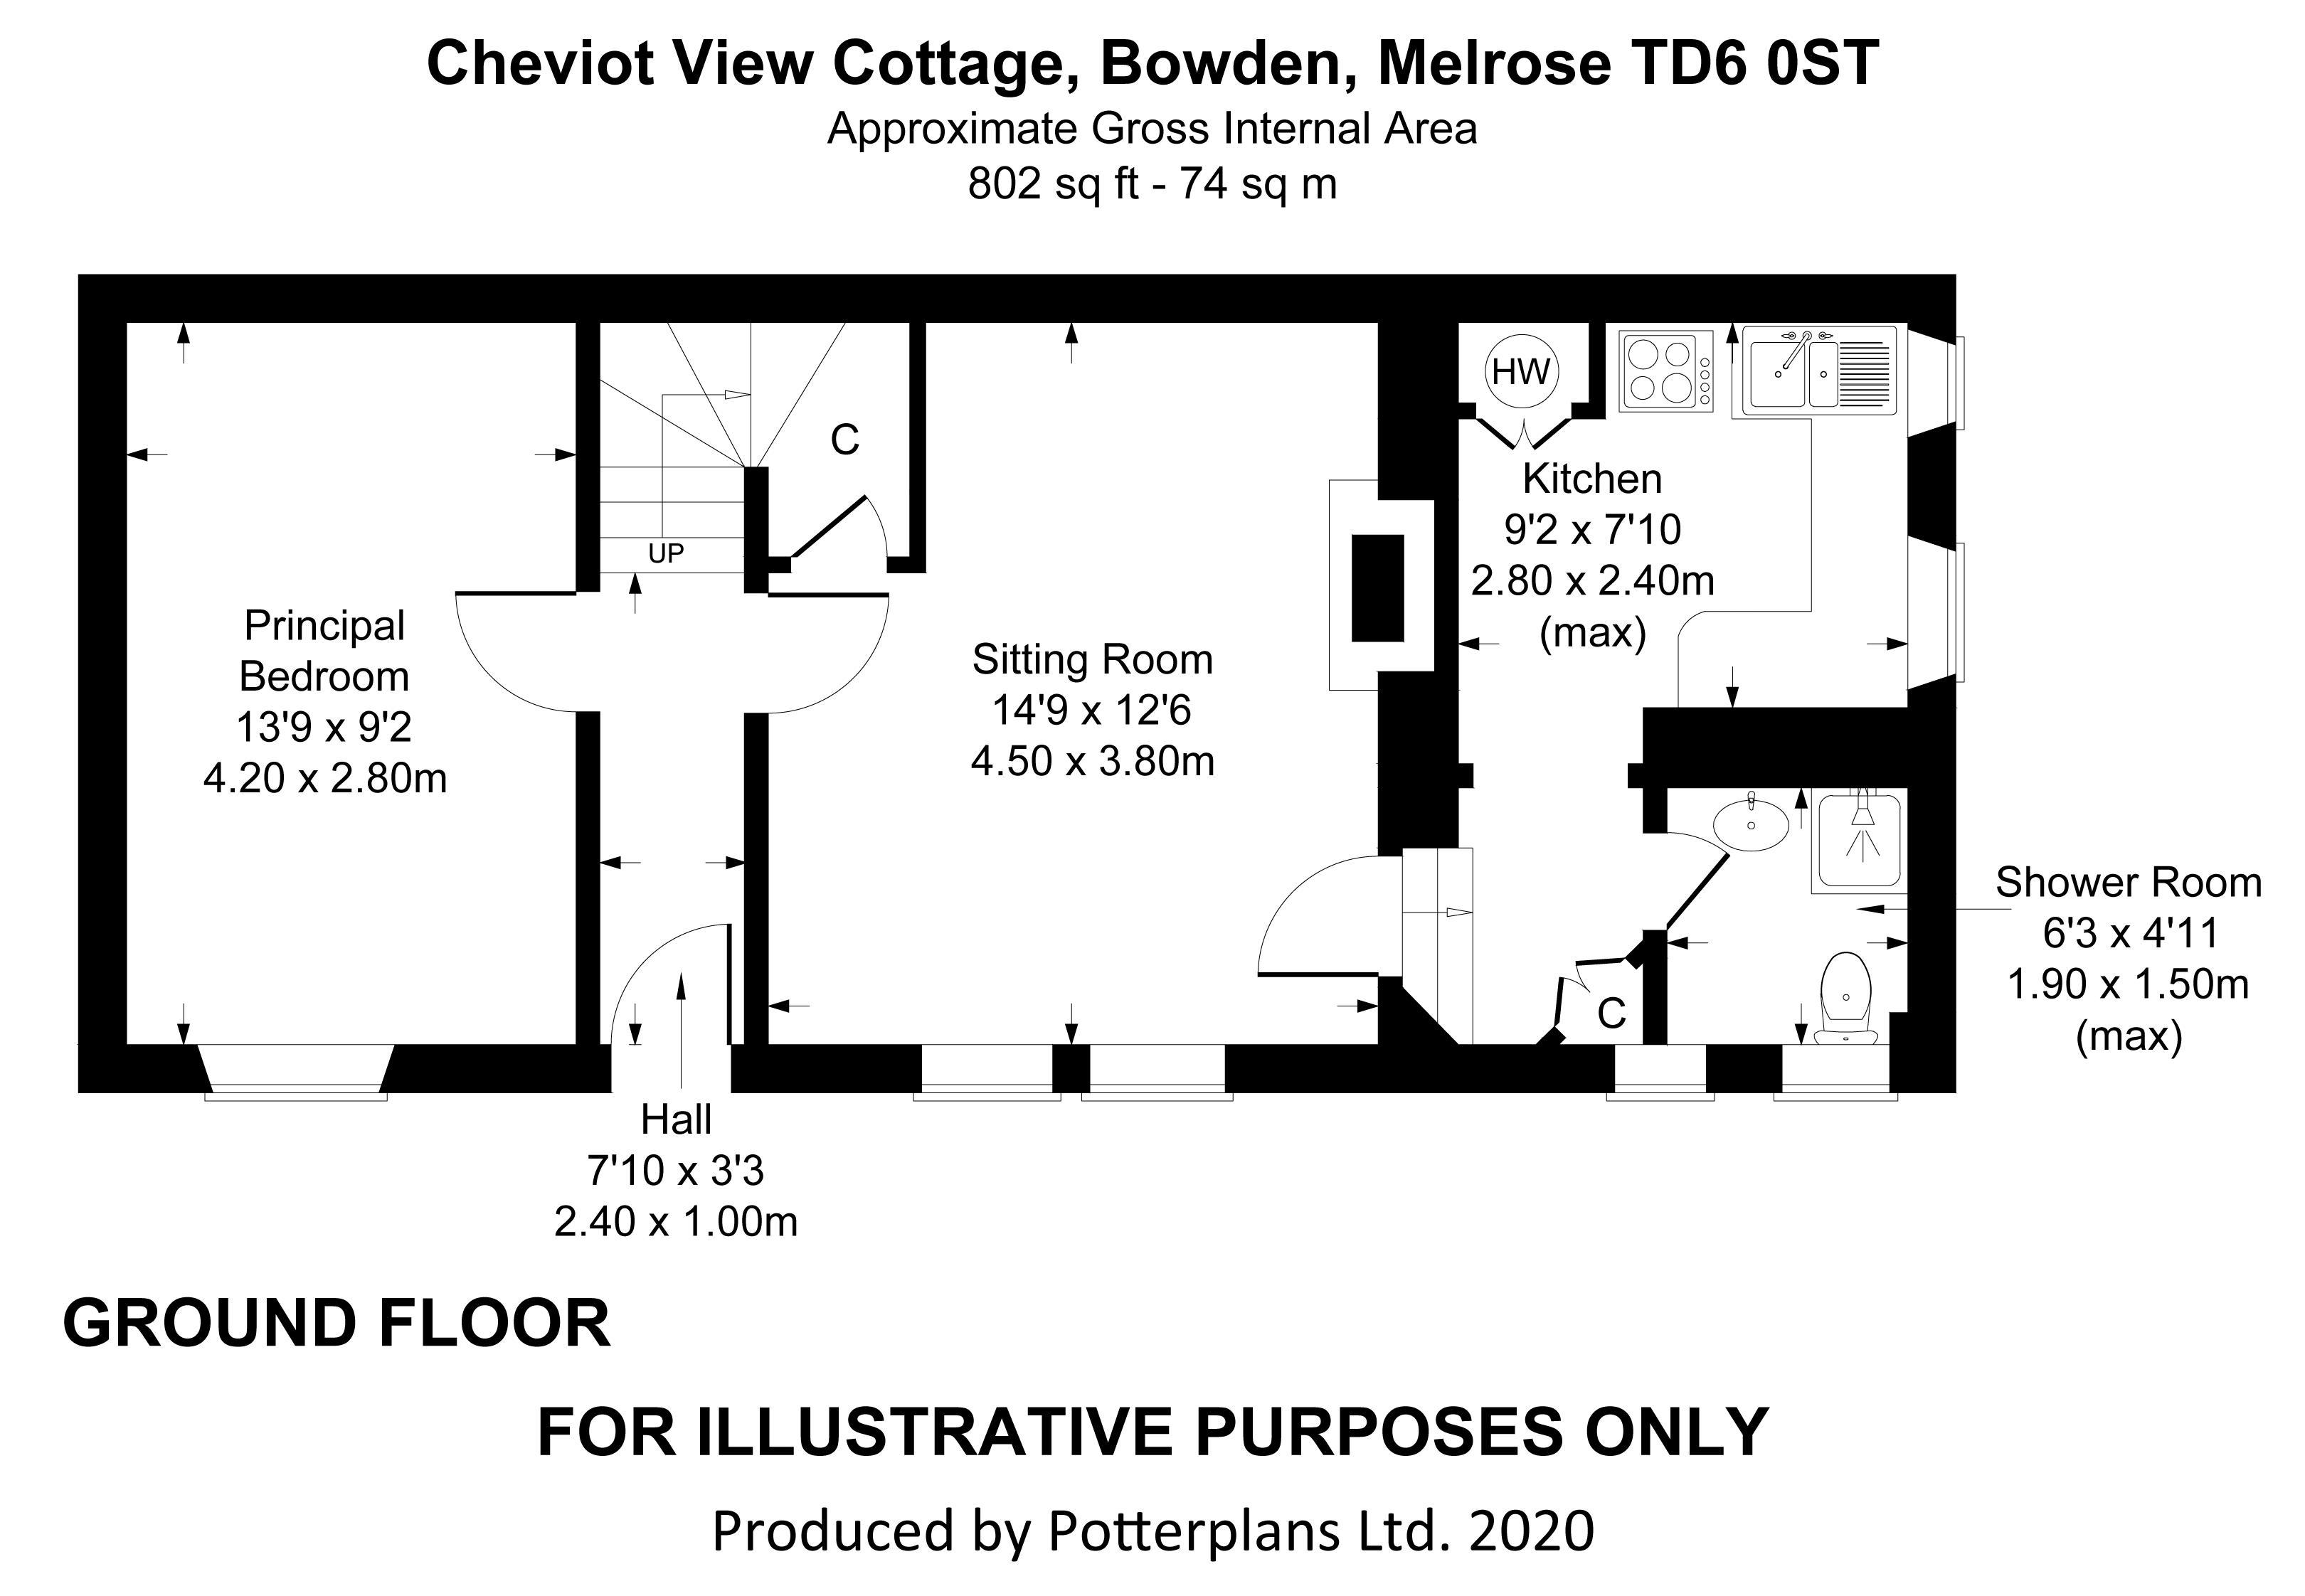 Cheviot View Cottage Ground Floor